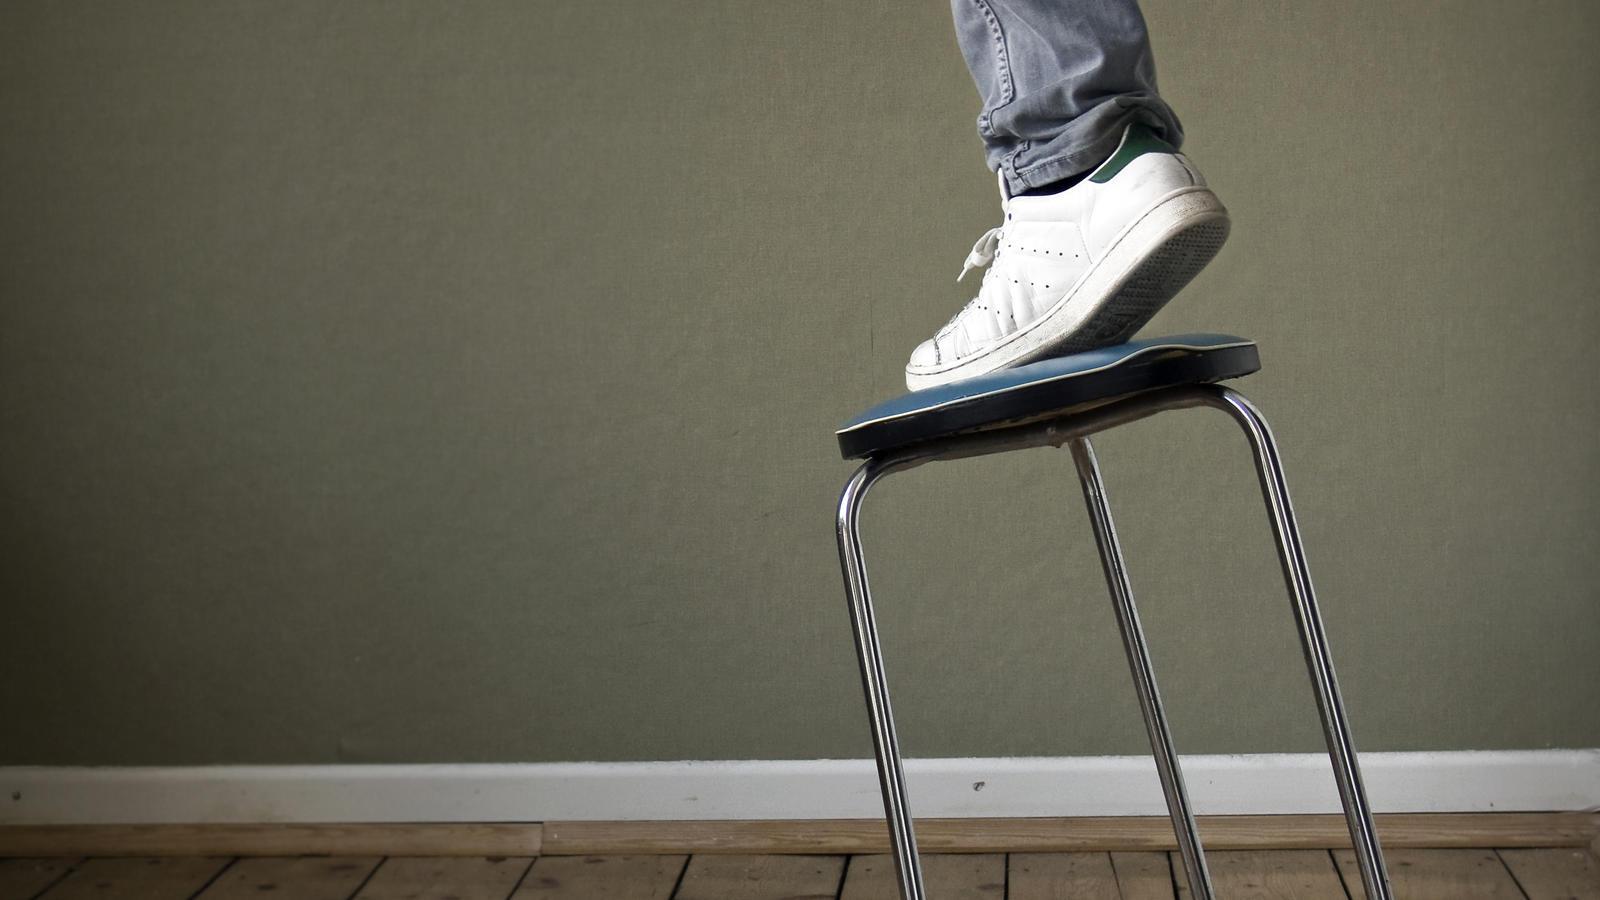 unf lle im haushalt vermeiden so gef hrlich ist hausarbeit. Black Bedroom Furniture Sets. Home Design Ideas